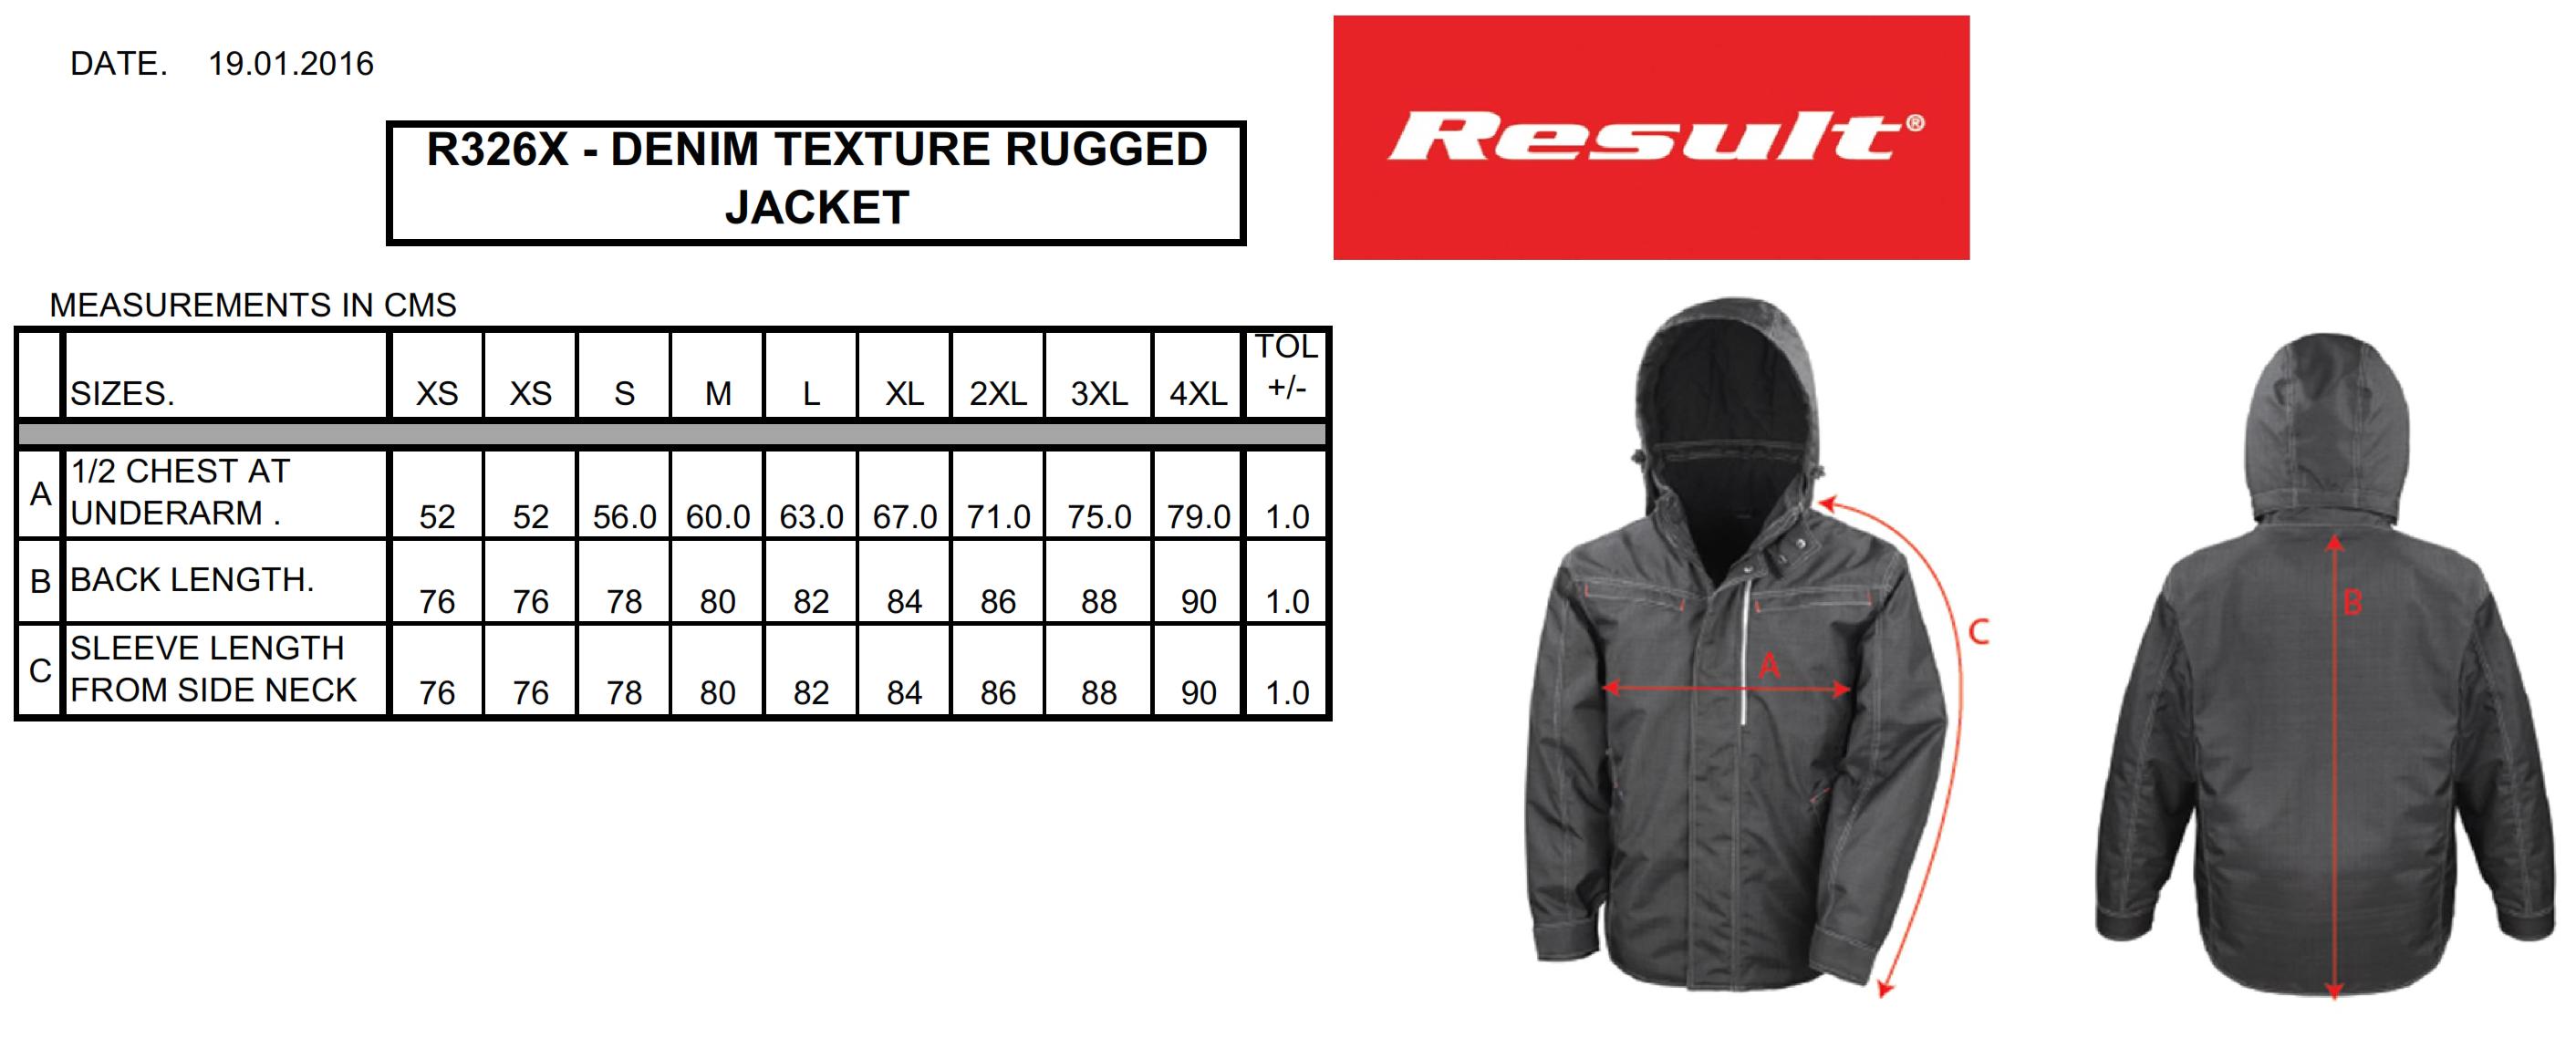 Result: Rugged Denim Texture Jacket R326X